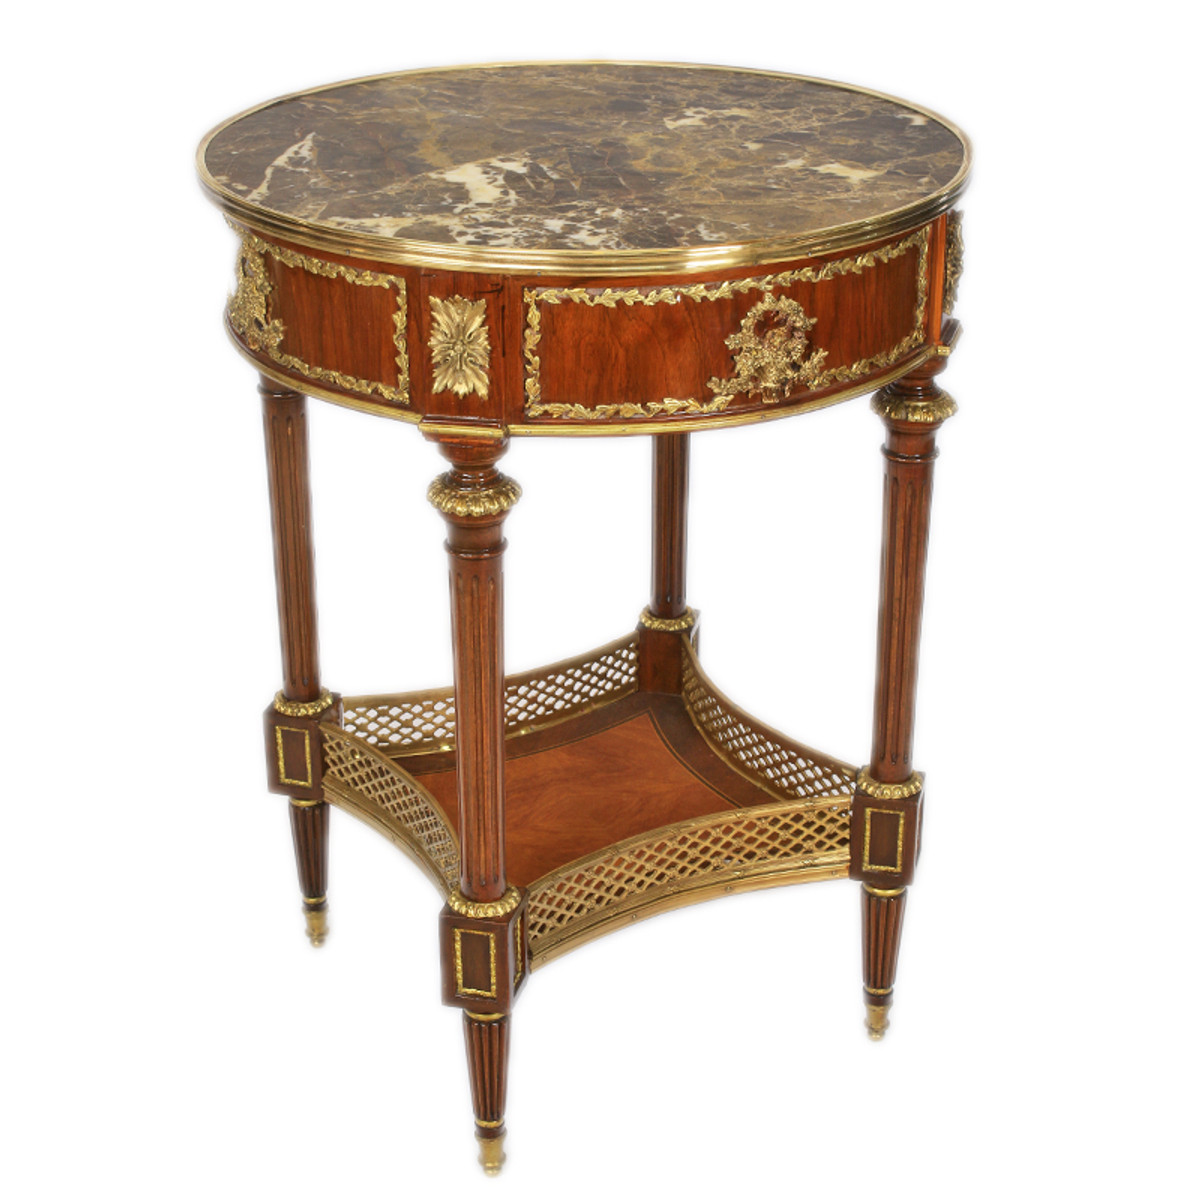 Casa padrino barock beistelltisch mit marmorplatte luxus for Beistelltisch marmorplatte